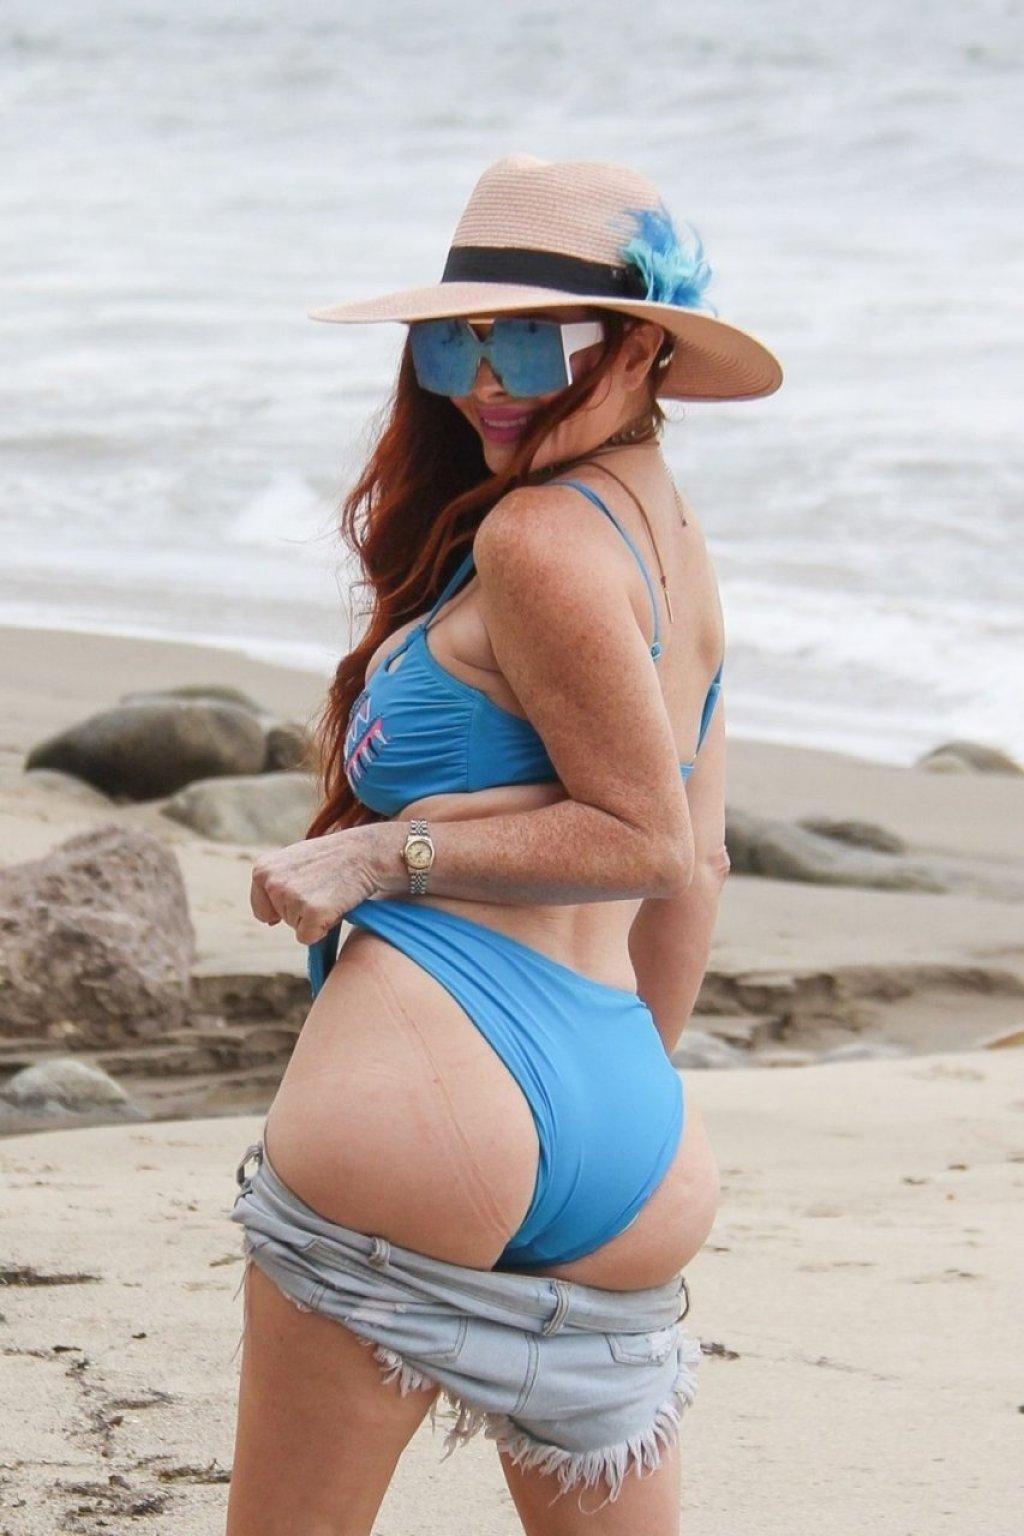 Phoebe Price Hot (44 Photos)